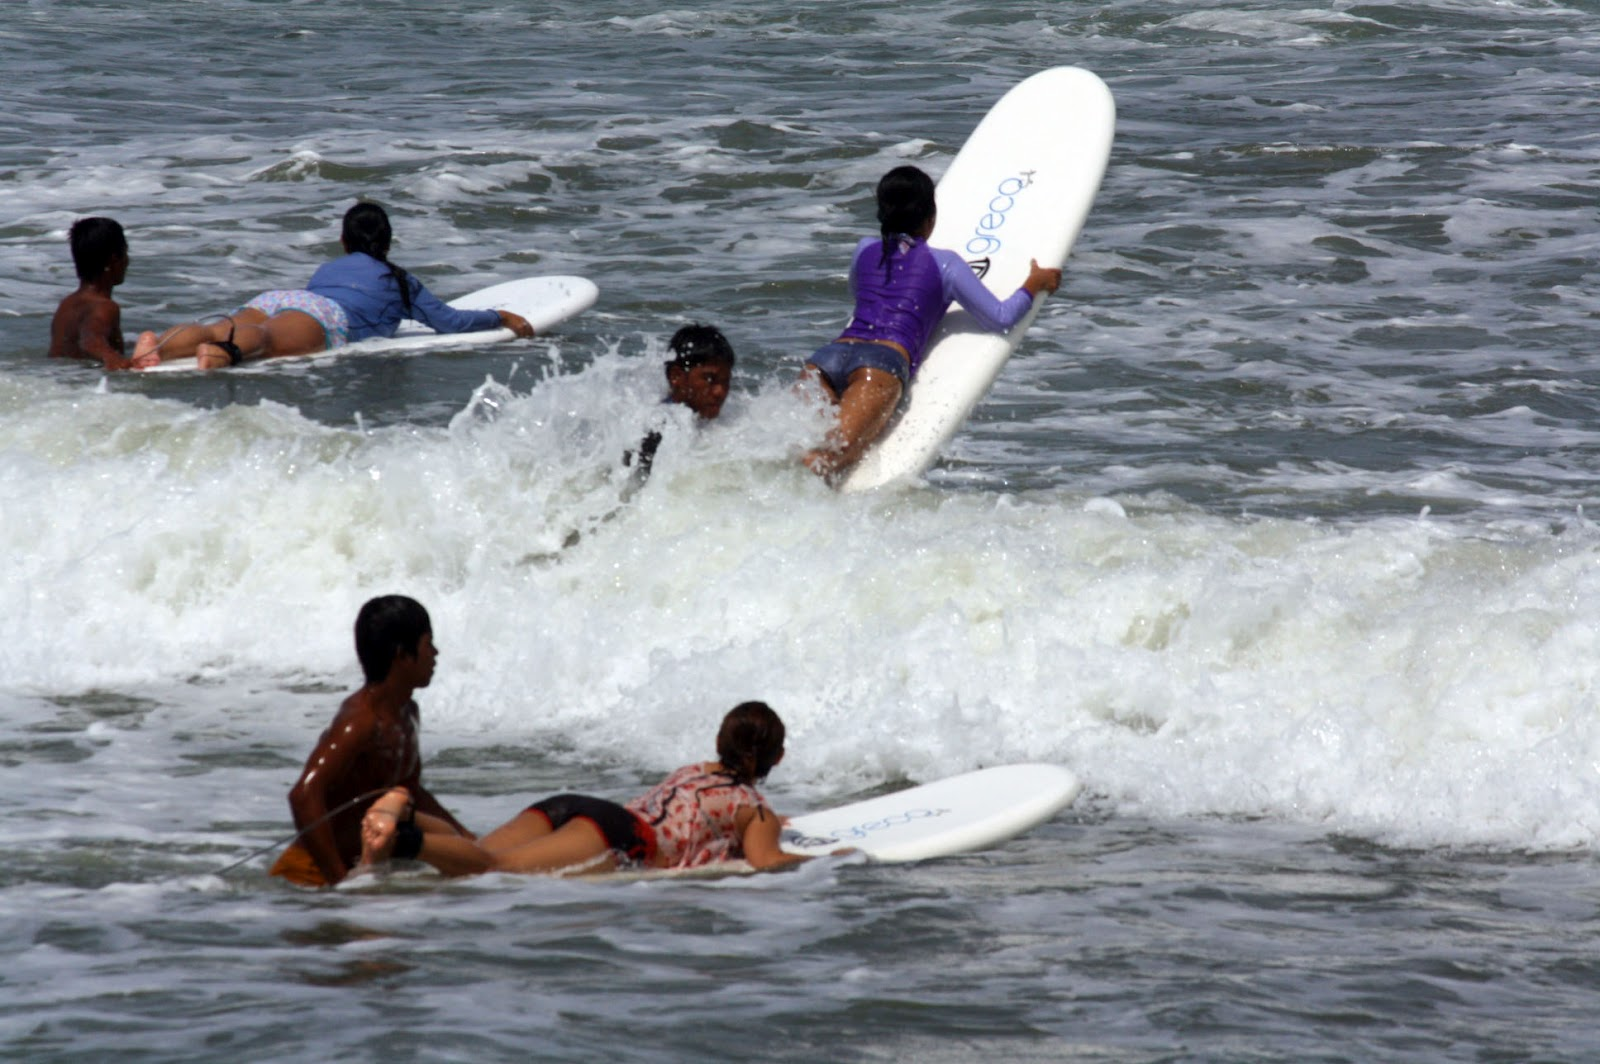 Surfing at Baler, Aurora